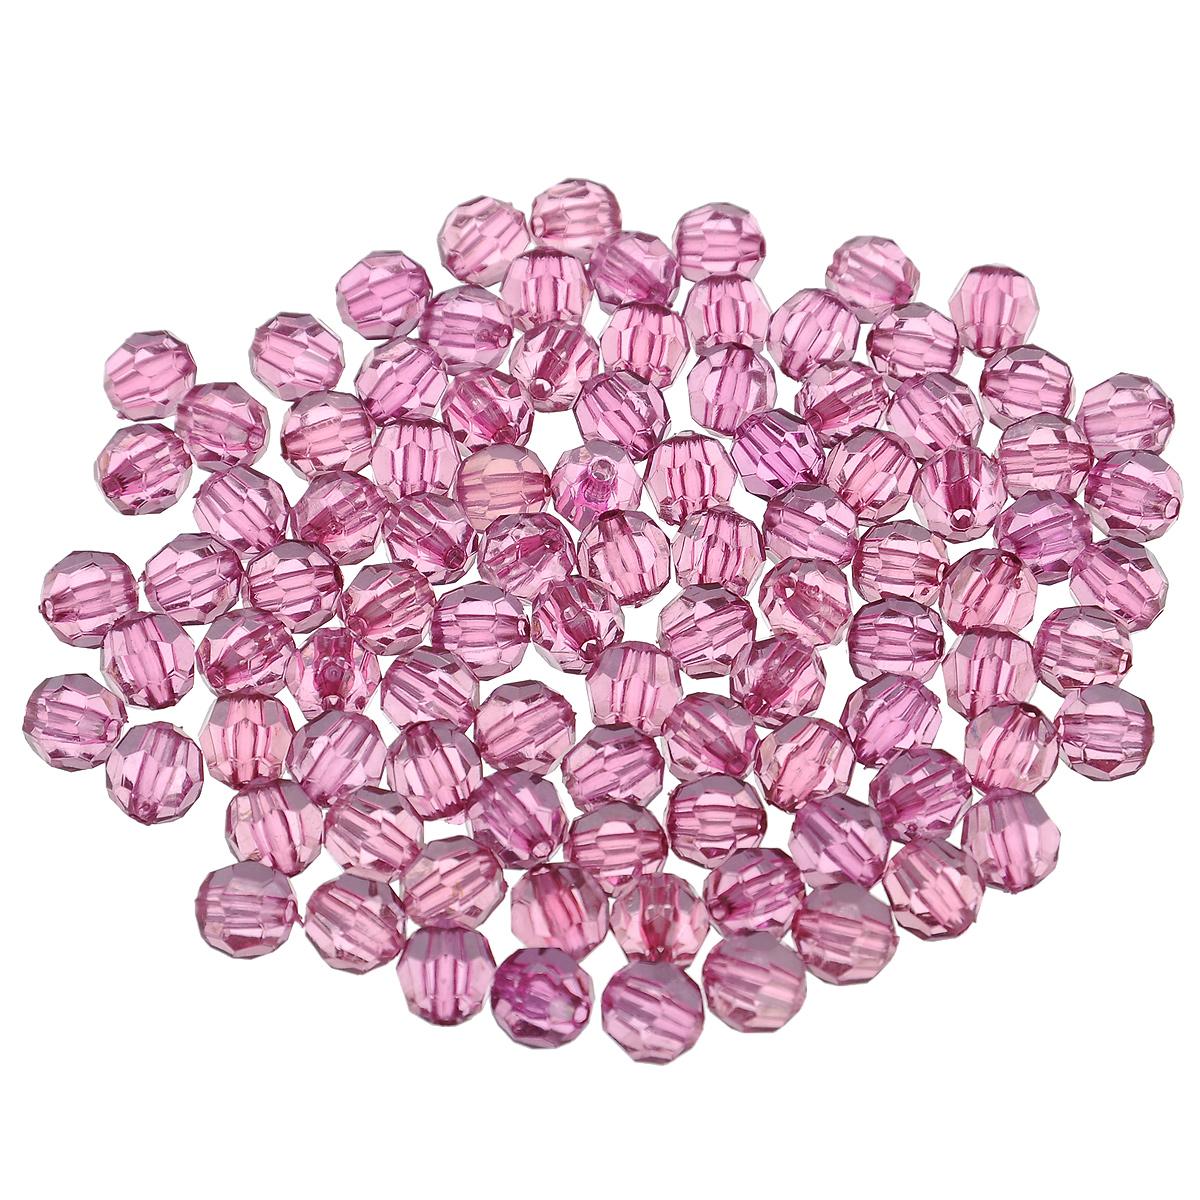 Бусины Астра, цвет: фиолетовый (21), диаметр 8 мм, 25 г. 684976_21684976_21Набор бусин Астра, изготовленный из акрила, позволит вам своими руками создать оригинальные ожерелья, бусы или браслеты. Круглые бусины оснащены рельефными, многогранными поверхностями. Изготовление украшений - занимательное хобби и реализация творческих способностей рукодельницы, это возможность создания неповторимого индивидуального подарка.